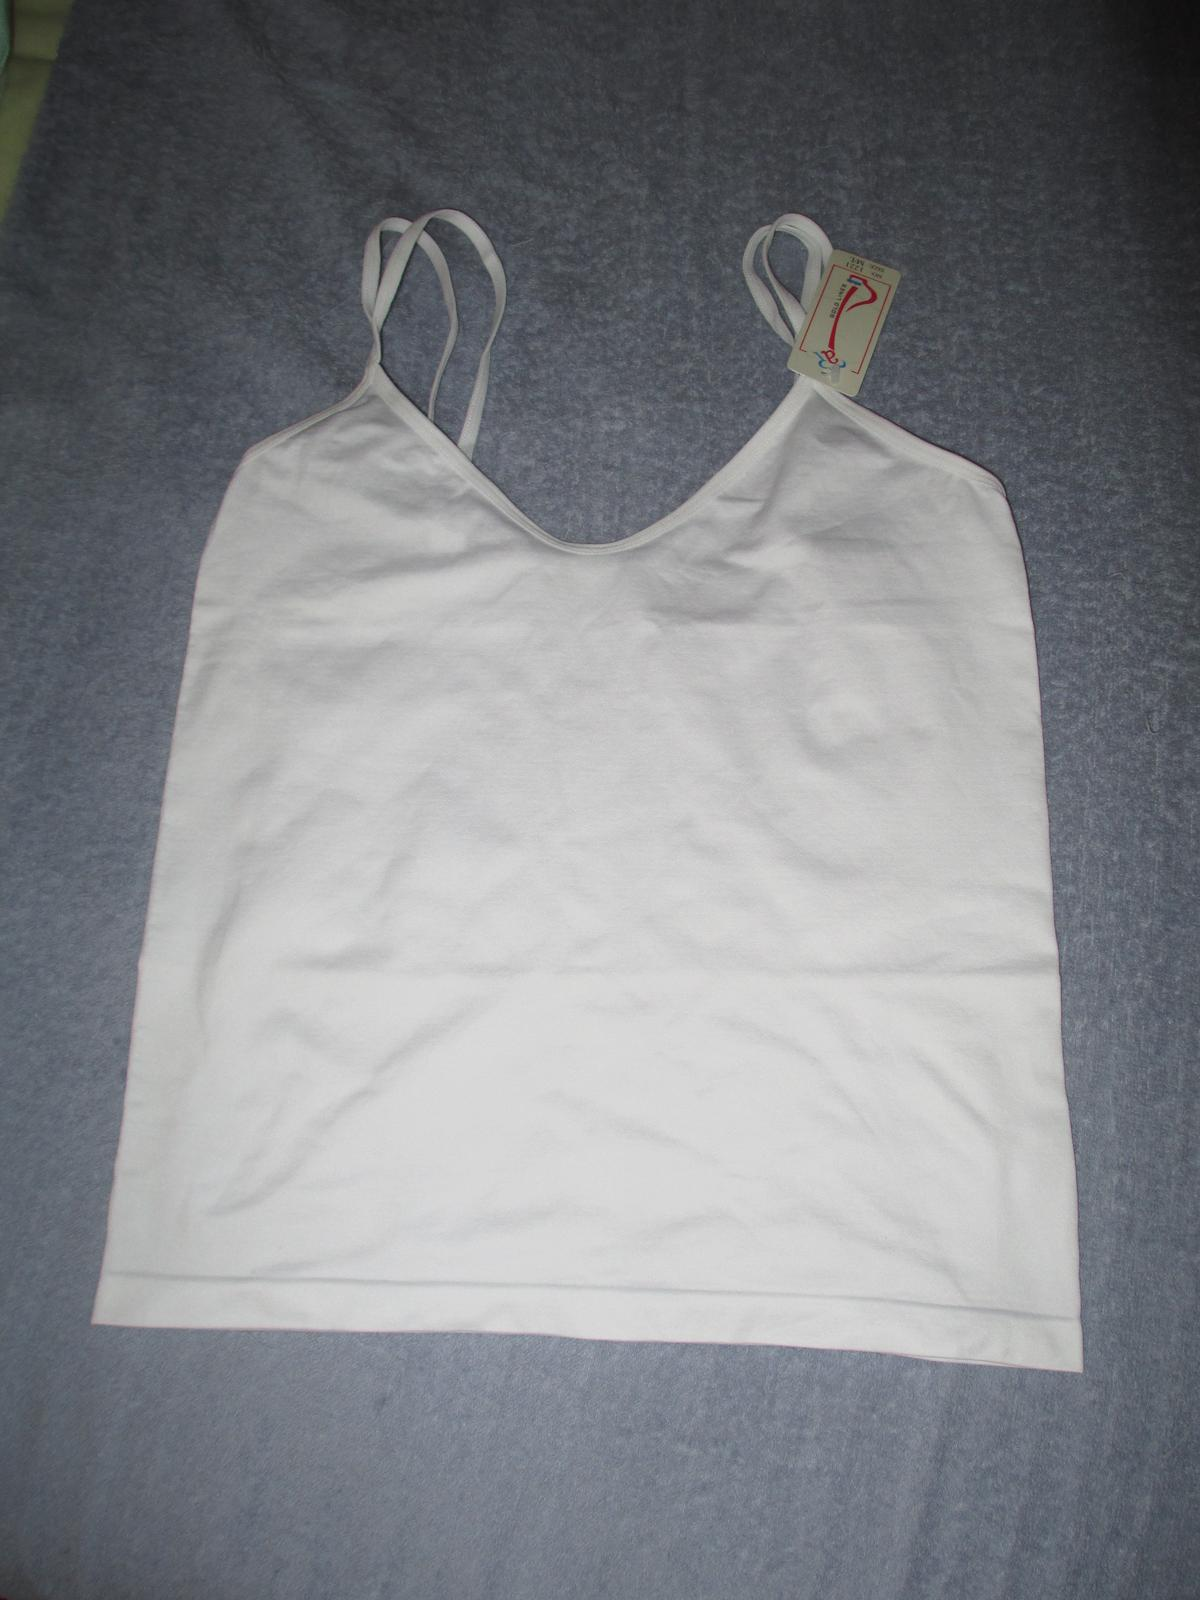 Strečová spodní košilka - Obrázek č. 1